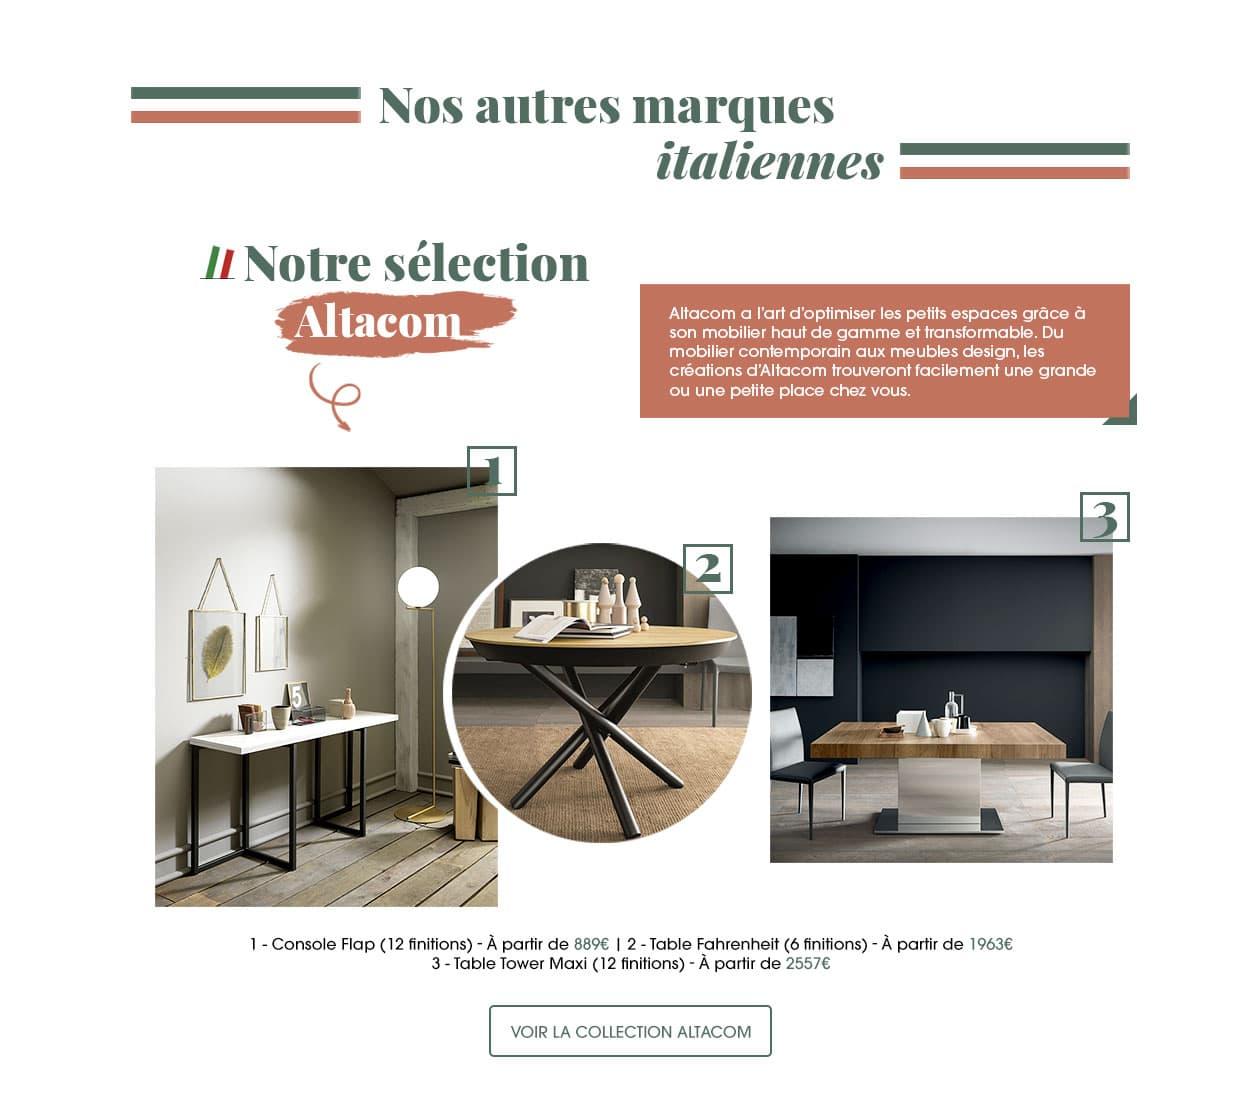 Découvrez aussi d'autres marques au mobilier contemporain et design. Altacom a l'art d'optimiser les petits espaces grâce à son mobilier haut de gamme et transformable.